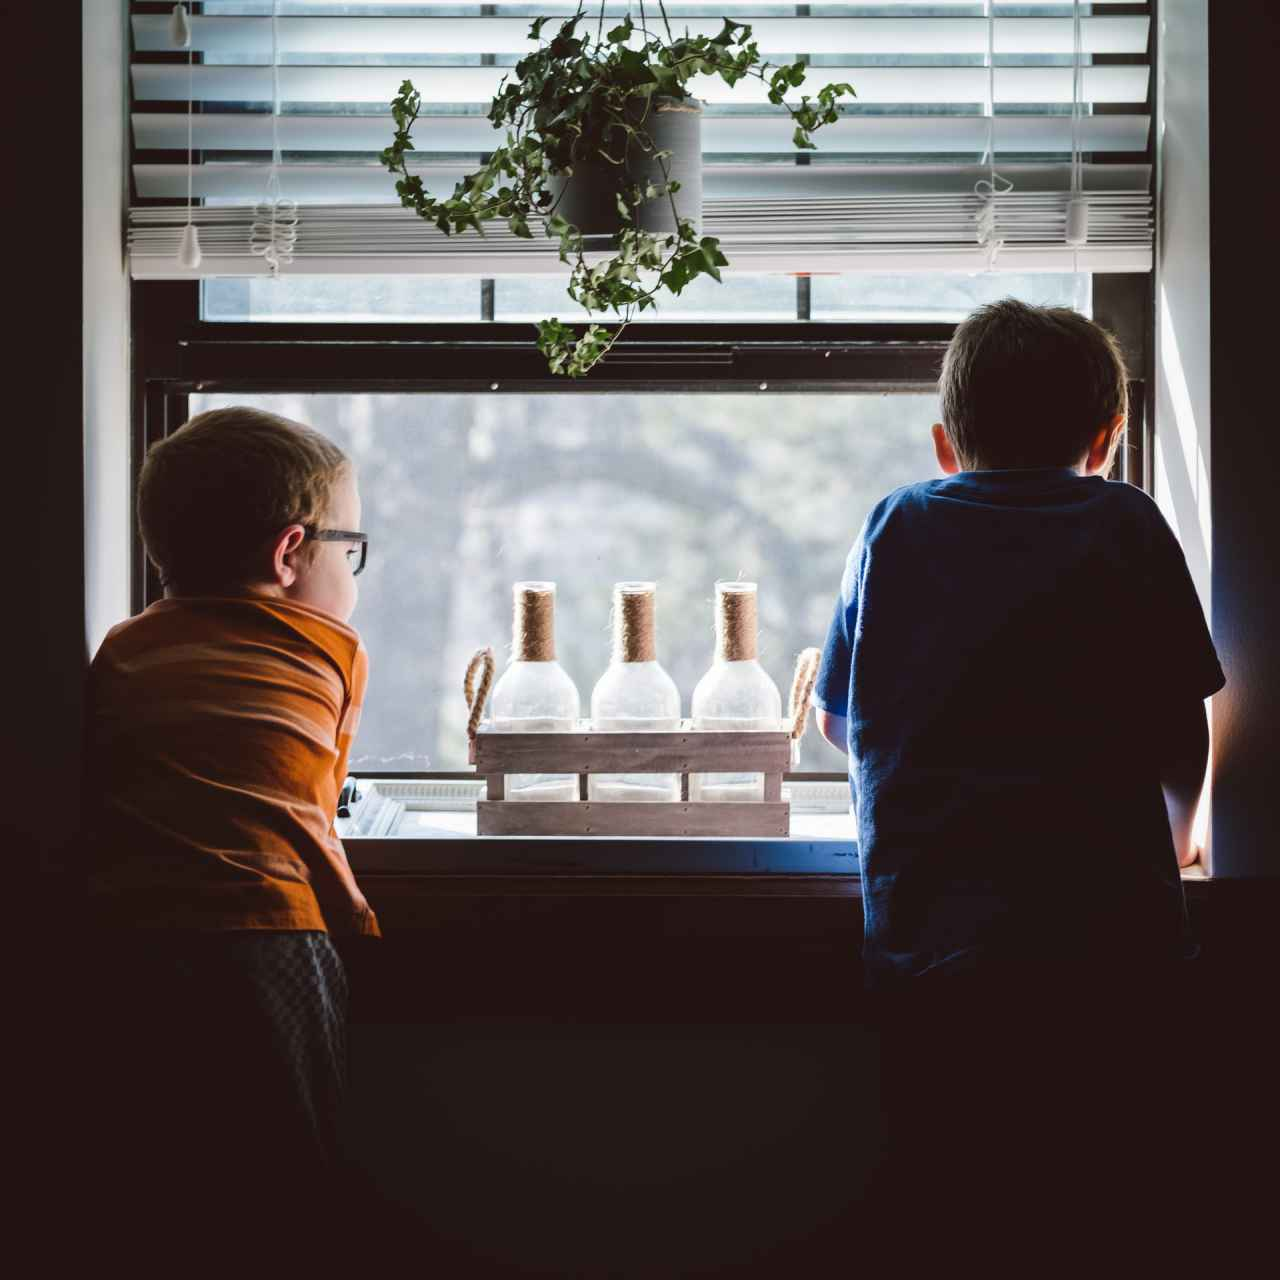 兄弟に劣等感を感じた時の対処方法【親の意見は無視しよう】